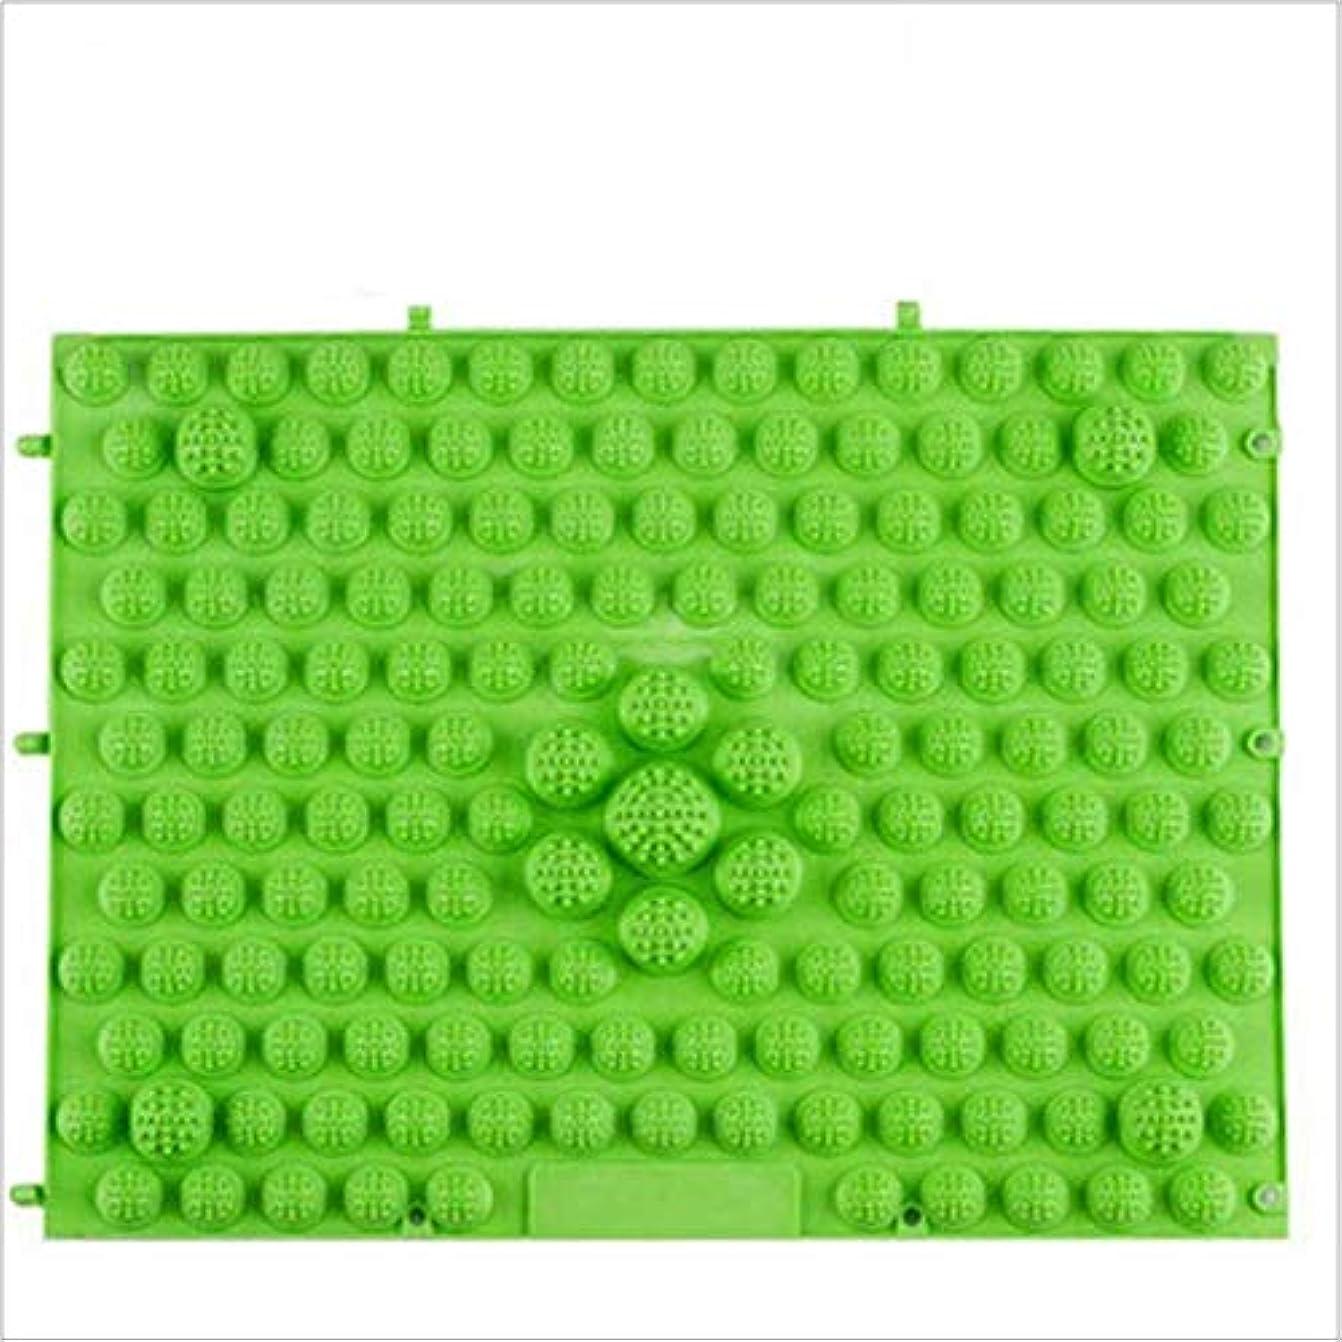 検体悪質なつぶやきウォークマット 裏板セット(ABS樹脂製補強板付き) (グリーン)